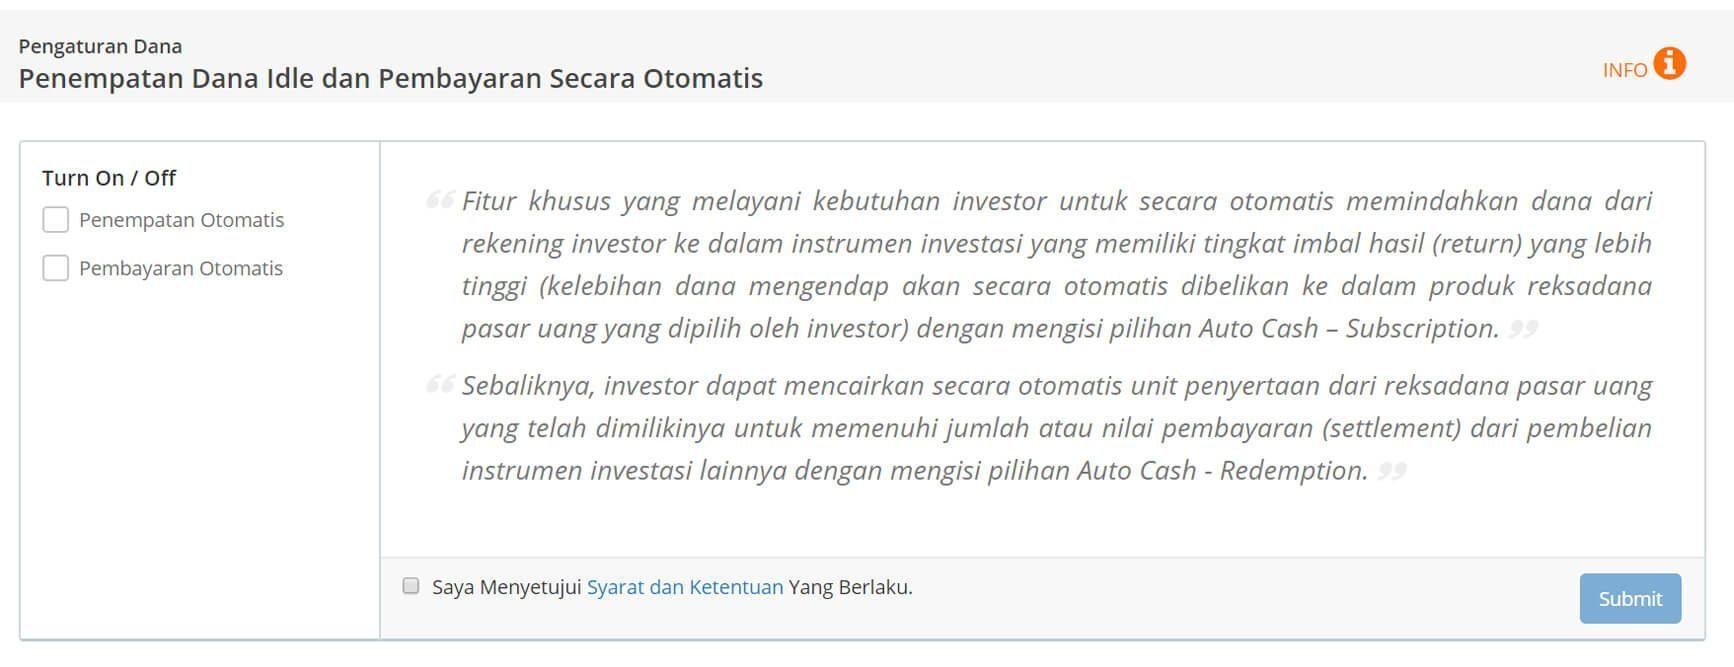 Screenshot Perkembangan Investasi Saham - Day 48, Senin, 2 Maret 2020 PPO 1